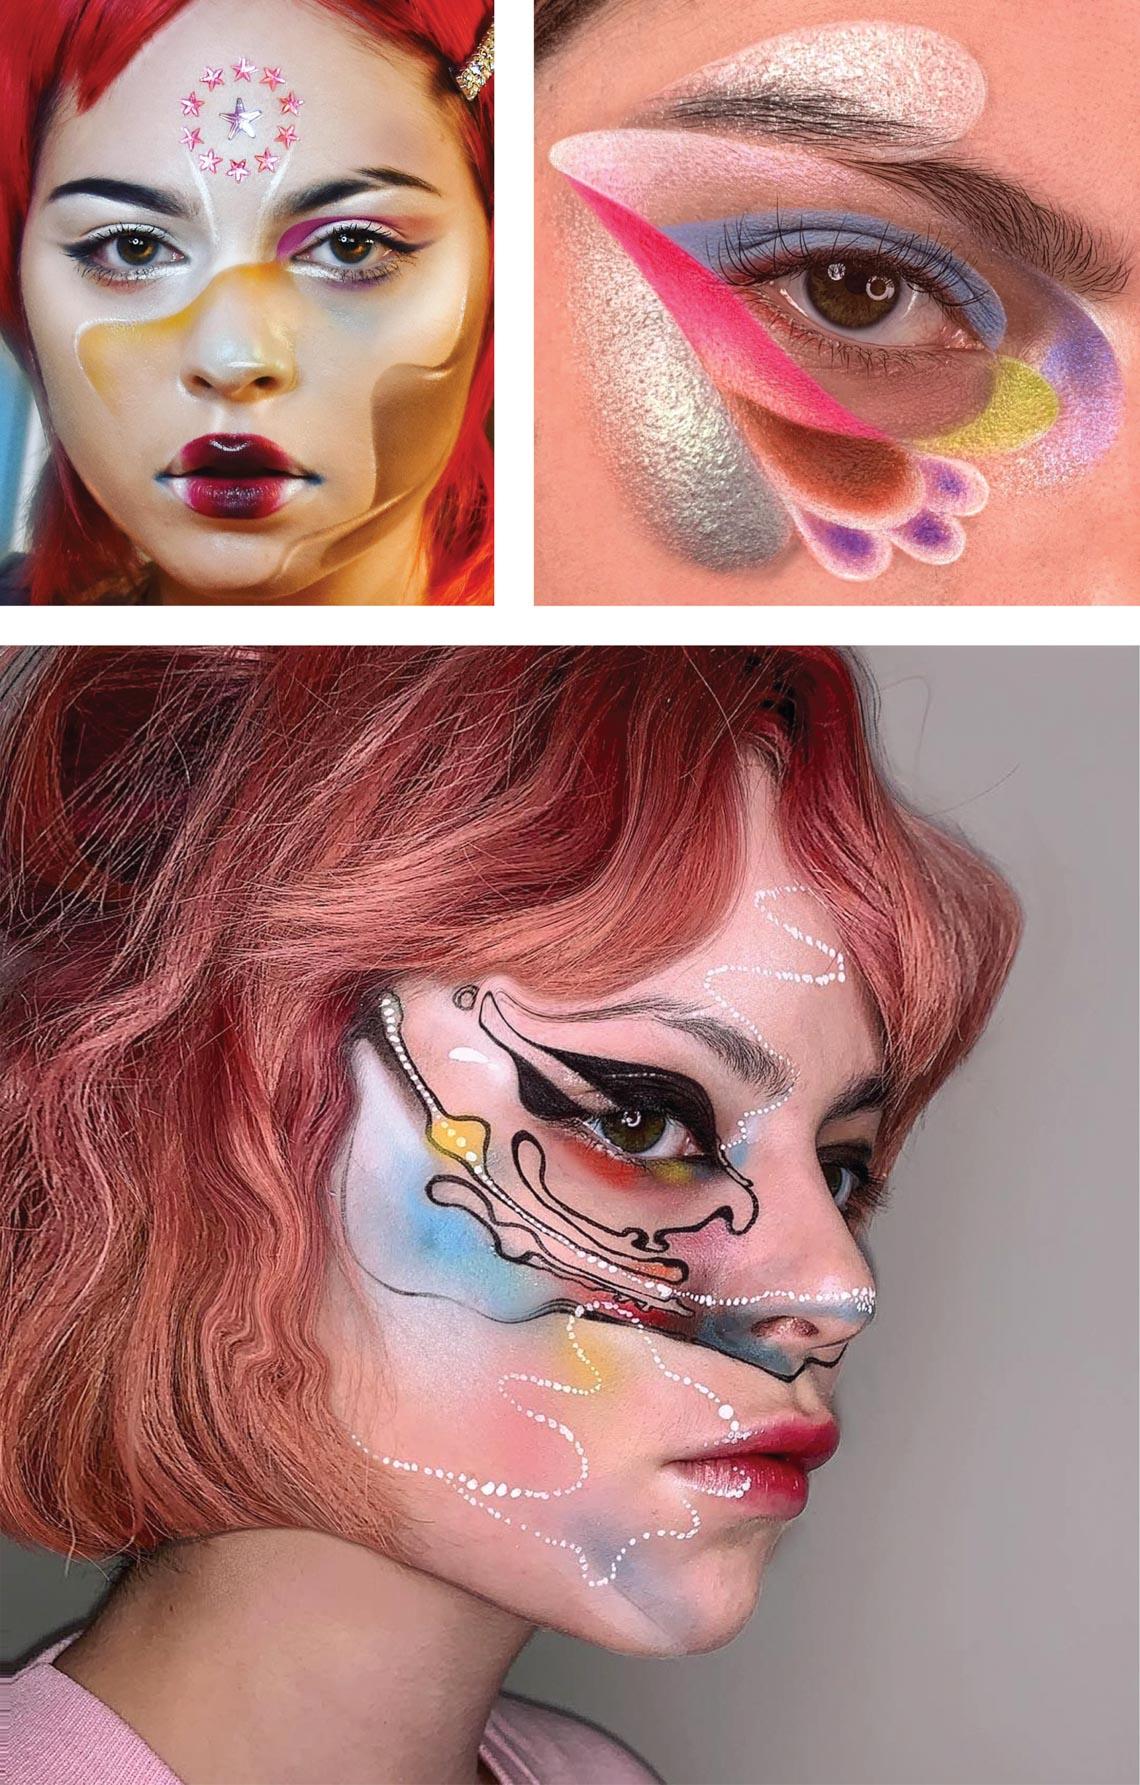 Những nghệ sĩ makeup trên Instagram định nghĩa lại cái đẹp - 5